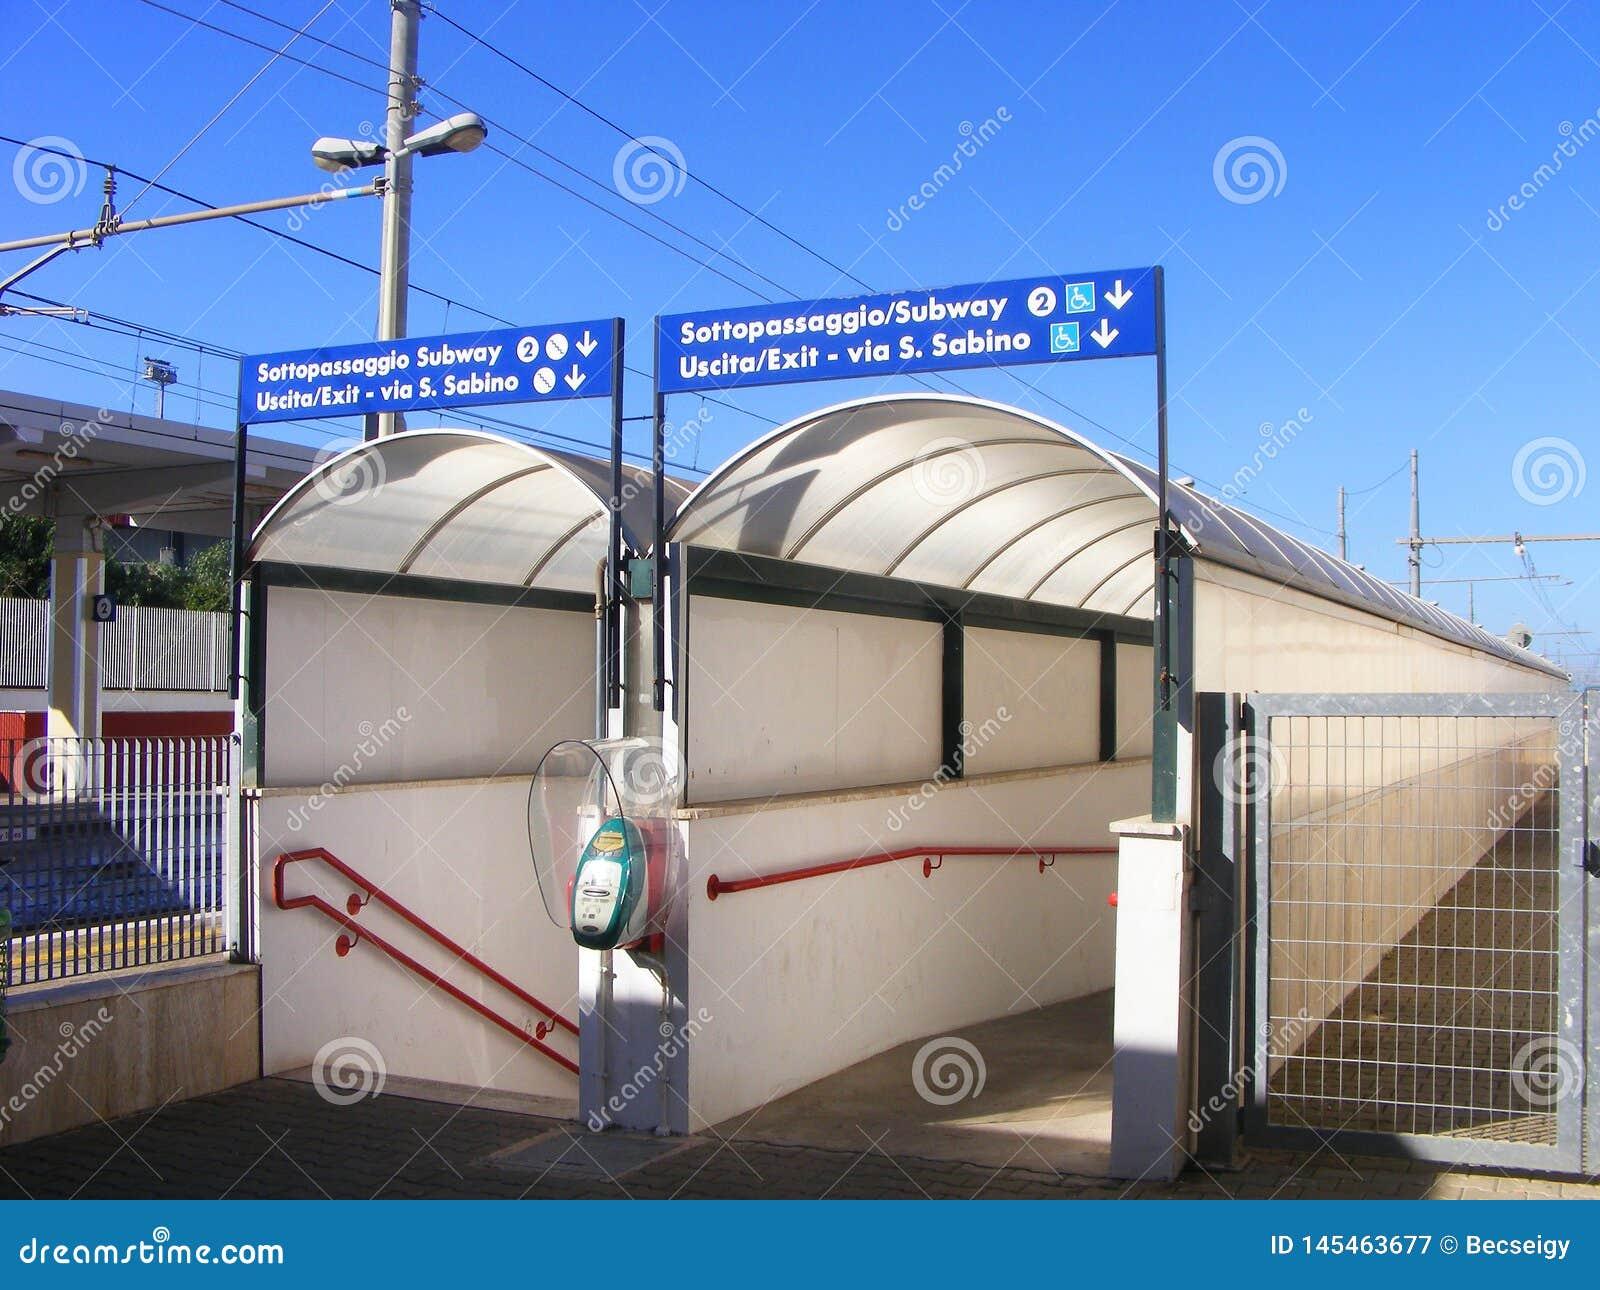 Entrée de passage souterrain de gare ferroviaire - Italie du sud